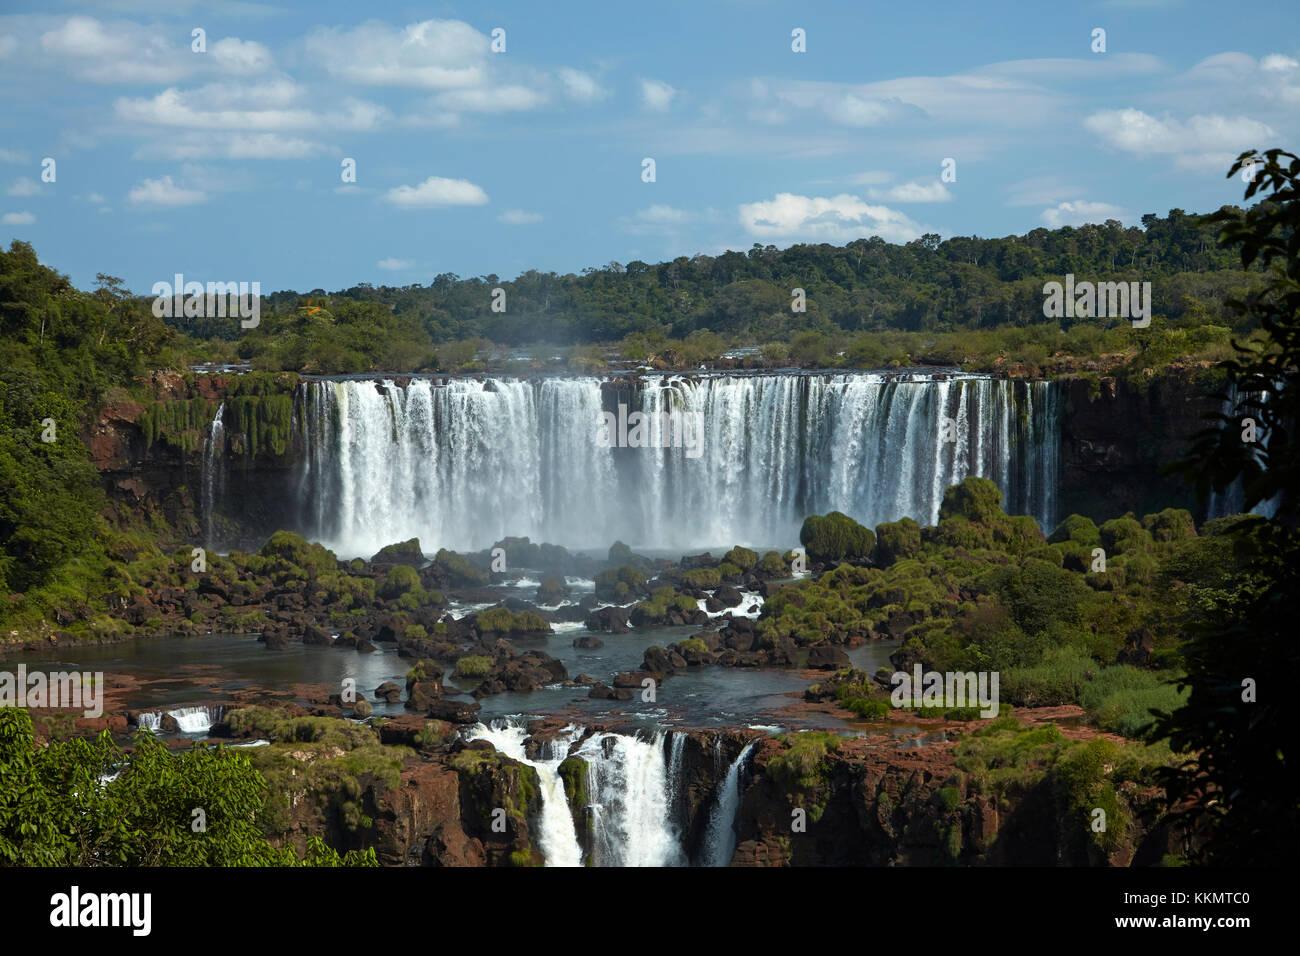 Salto Rivadavia y Salto tres Musqueteros, Cataratas del Iguazú, Argentina, vista desde el lado brasileño, Sudamérica Foto de stock